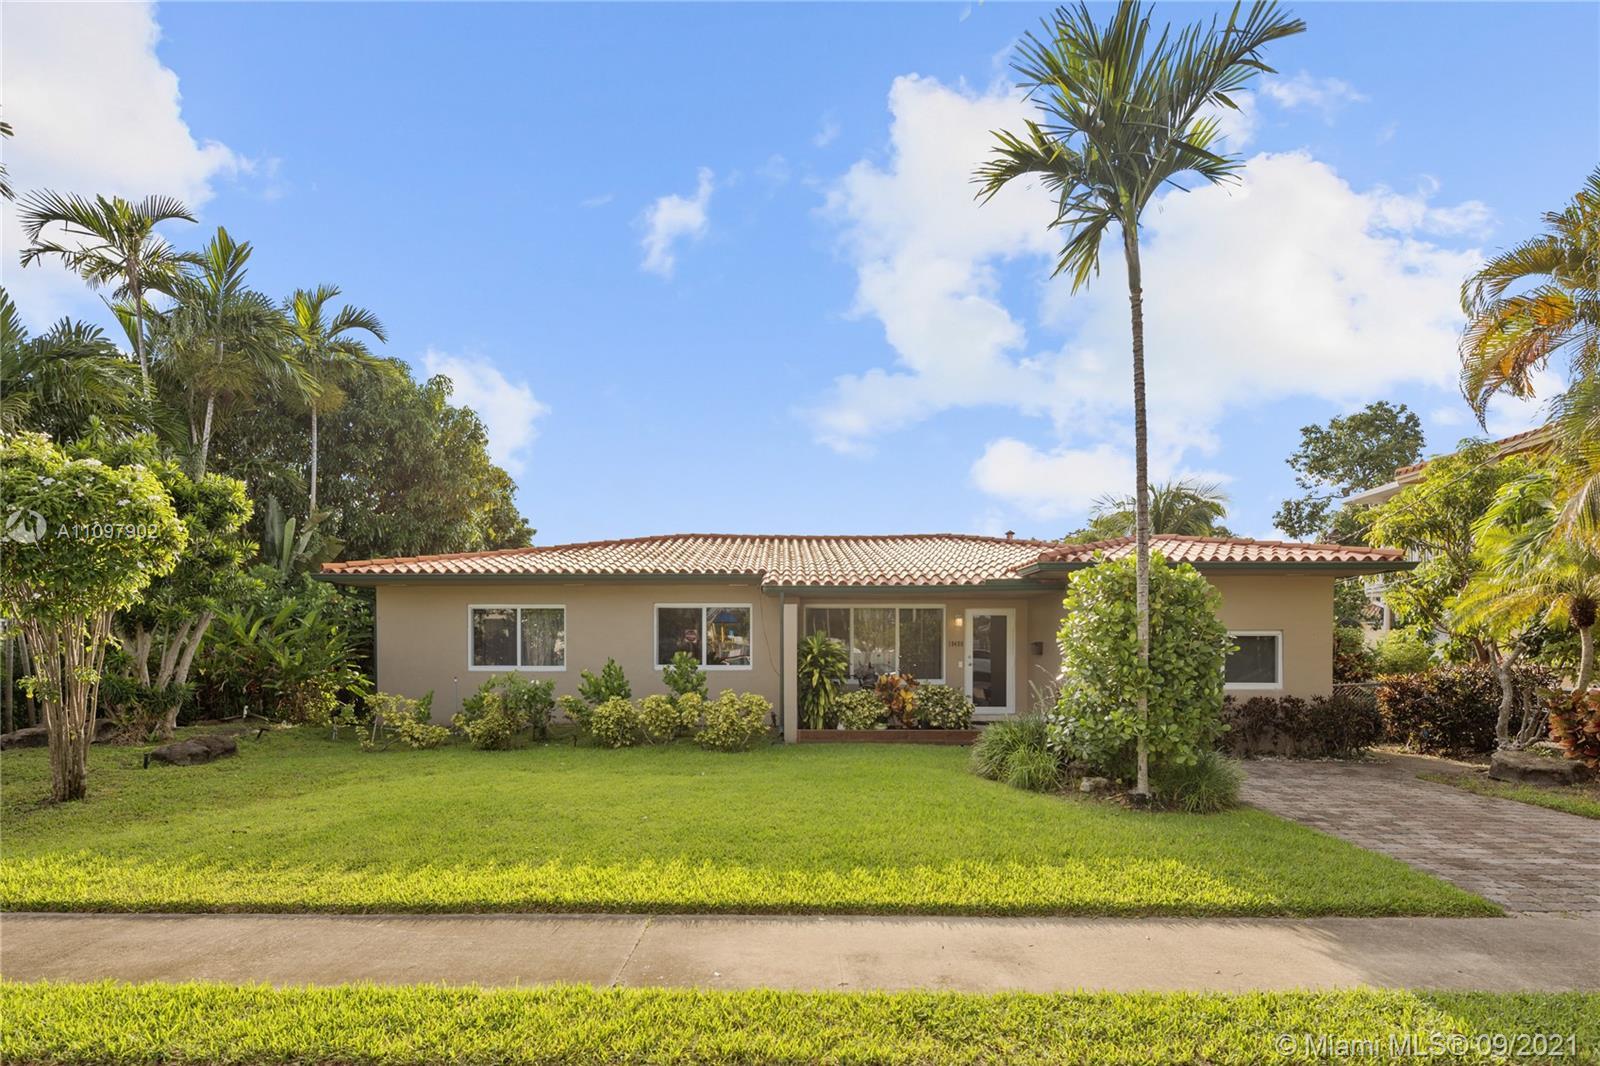 Miami Shores - 10450 NE 5th Ave, Miami Shores, FL 33138